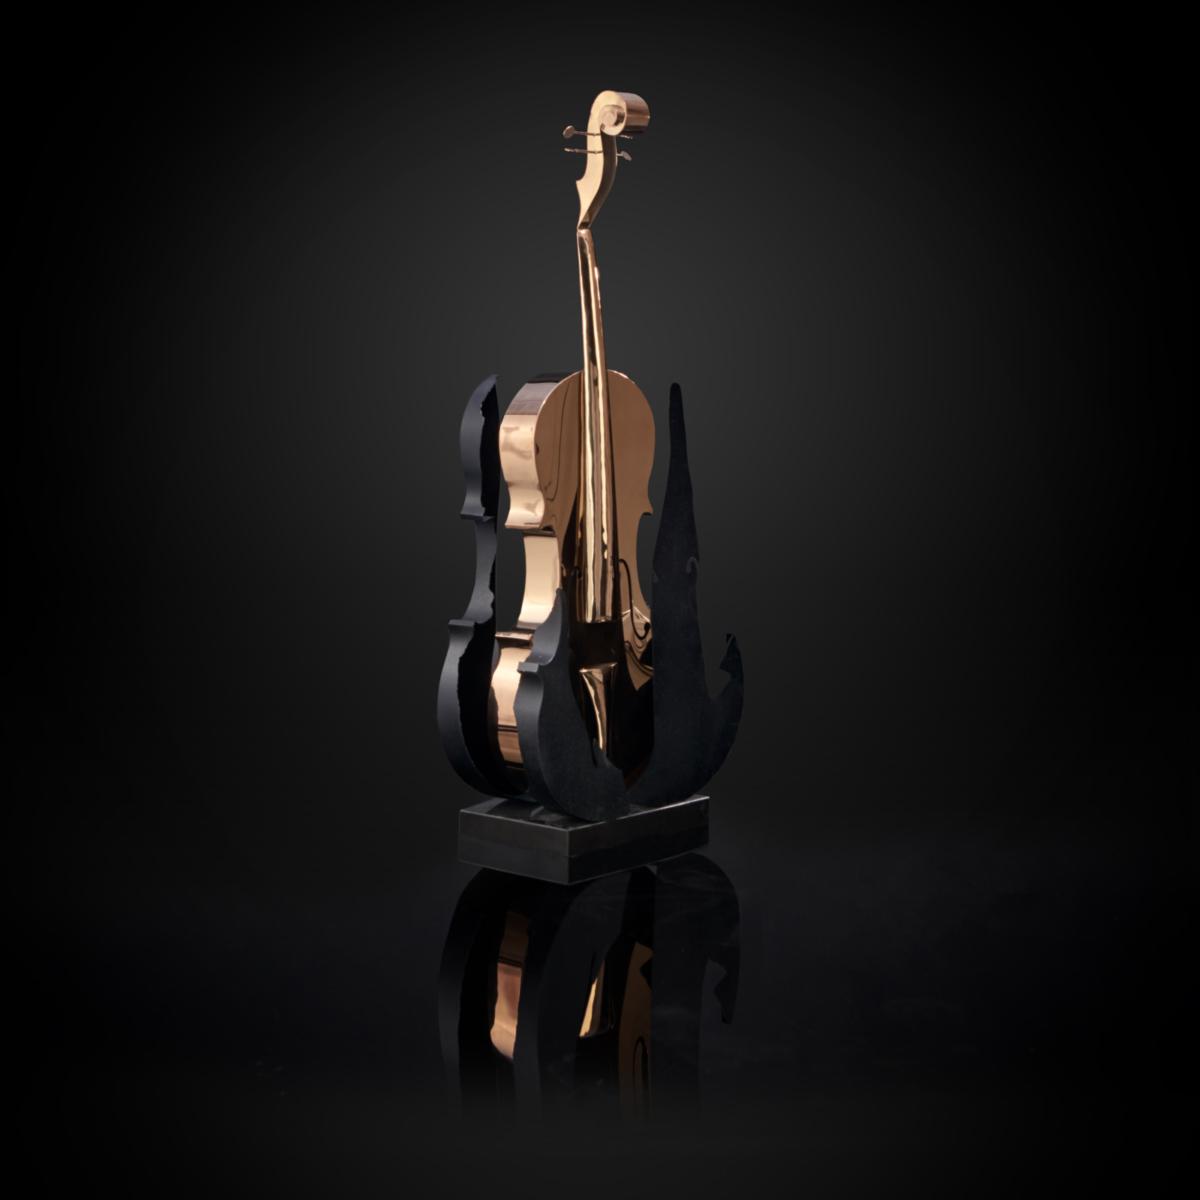 solo cello 1 stylish sculpture